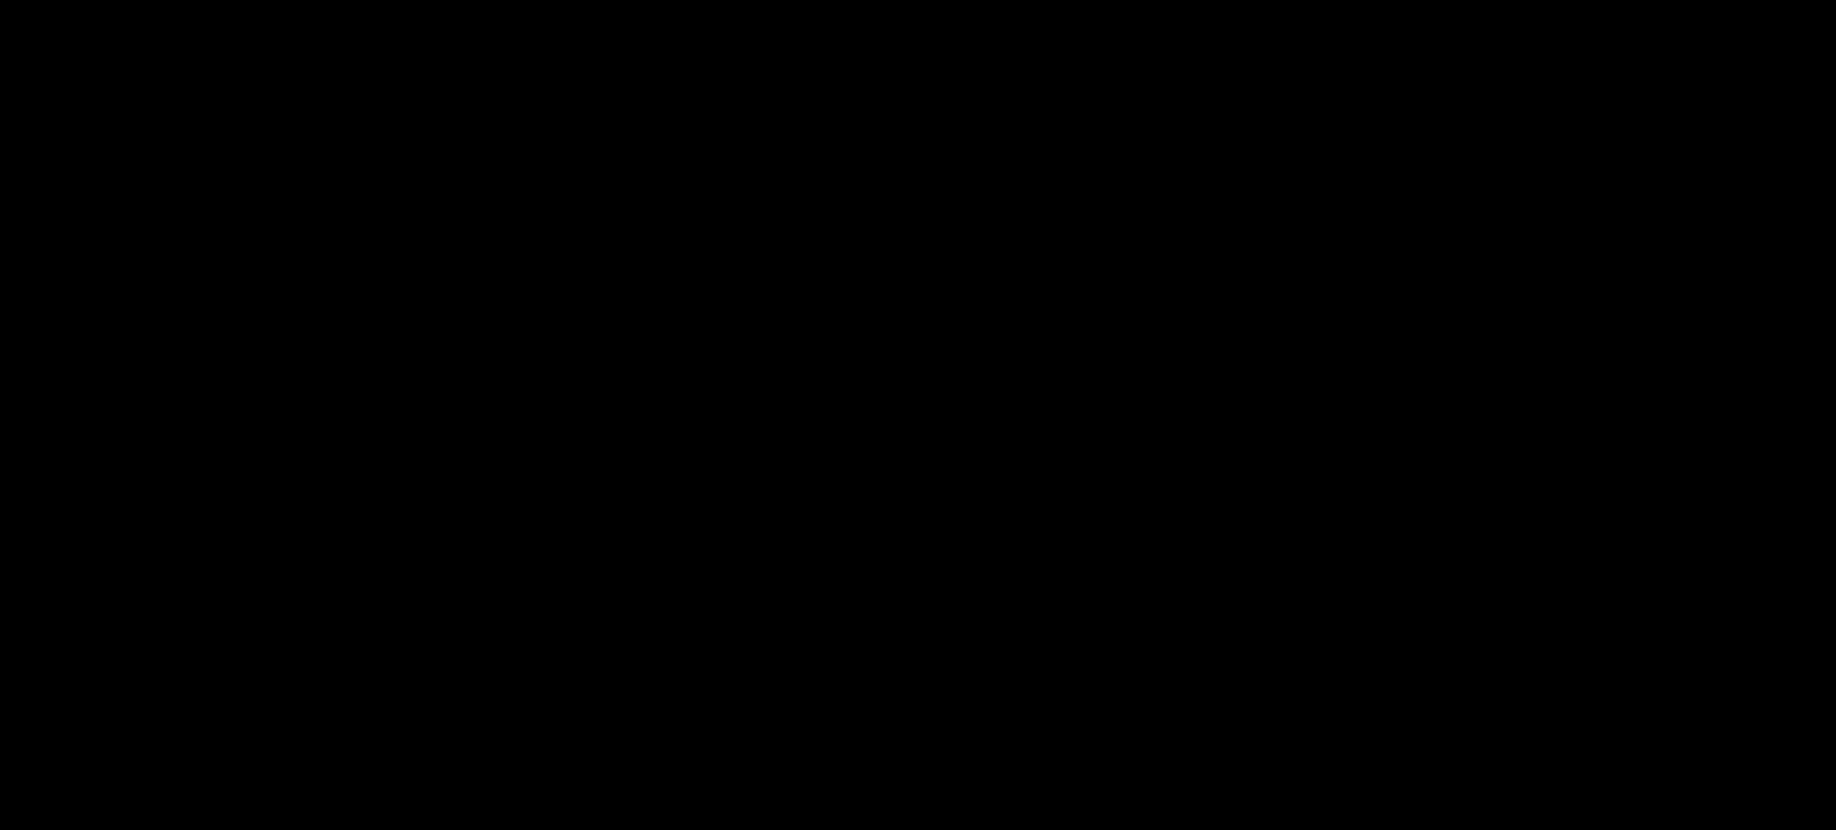 N-(2-(1H-Indol-3-yl)ethyl)-6-fluoro-4-oxo-4H-chromene-2-carboxamide